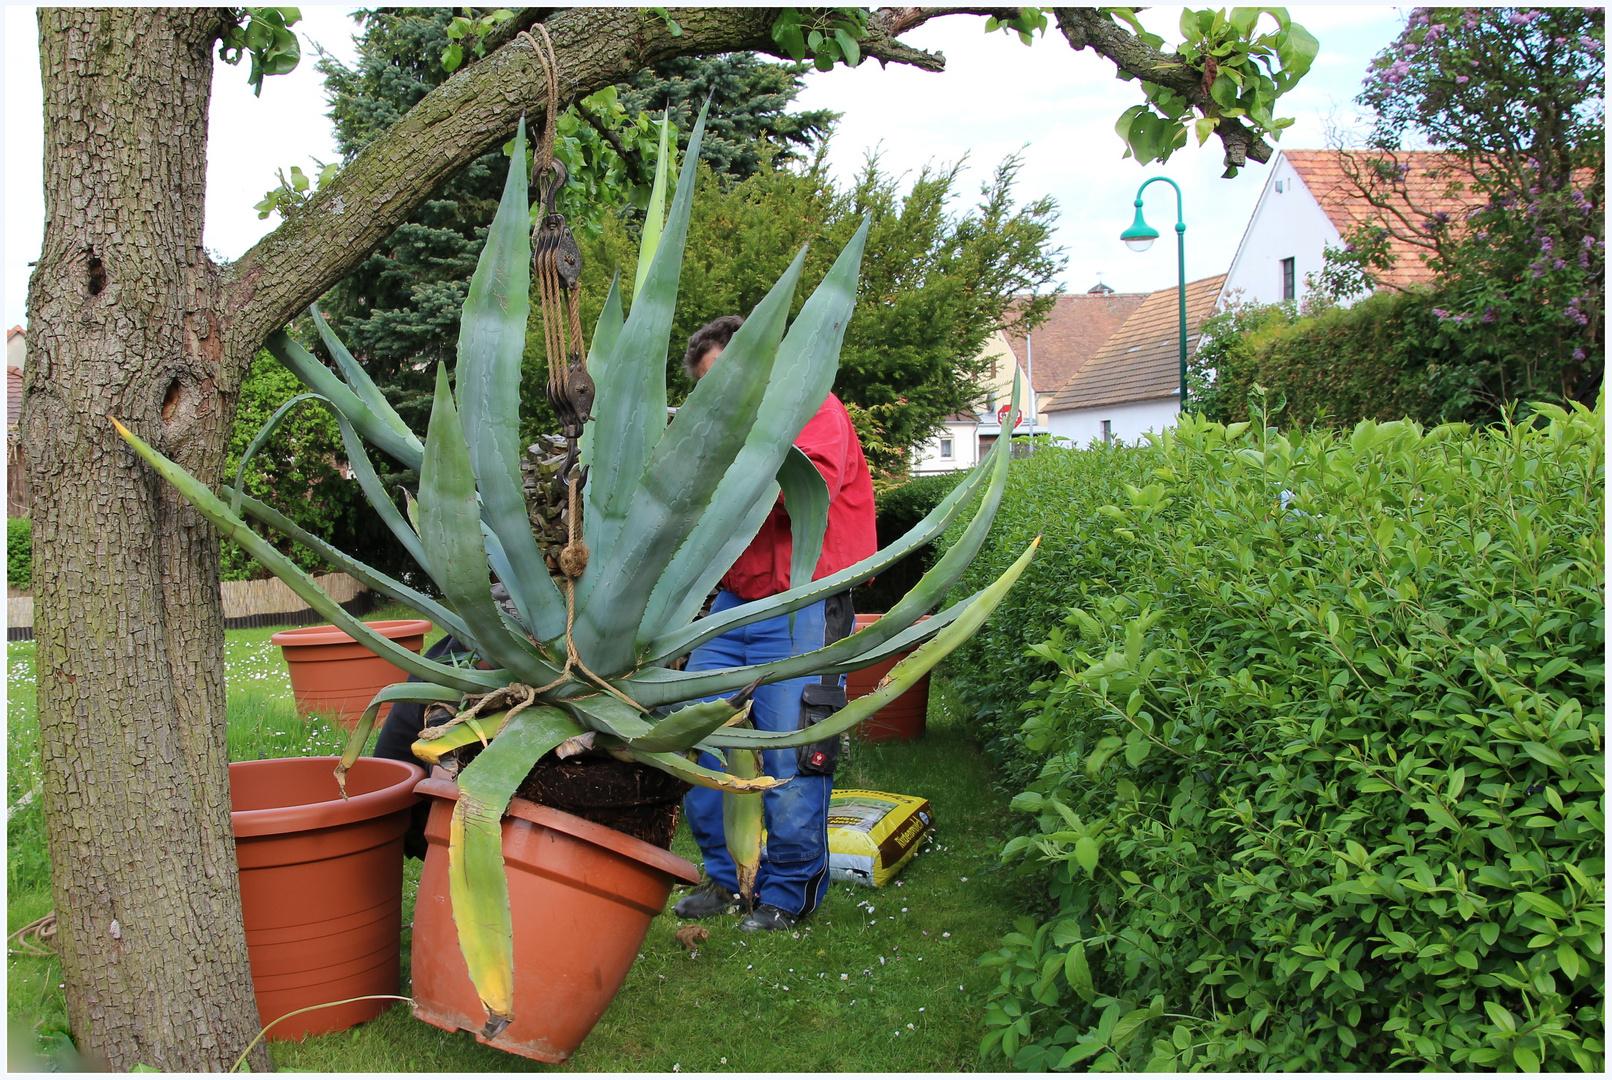 Heute: Gartenarbeit mit schwerer Technik